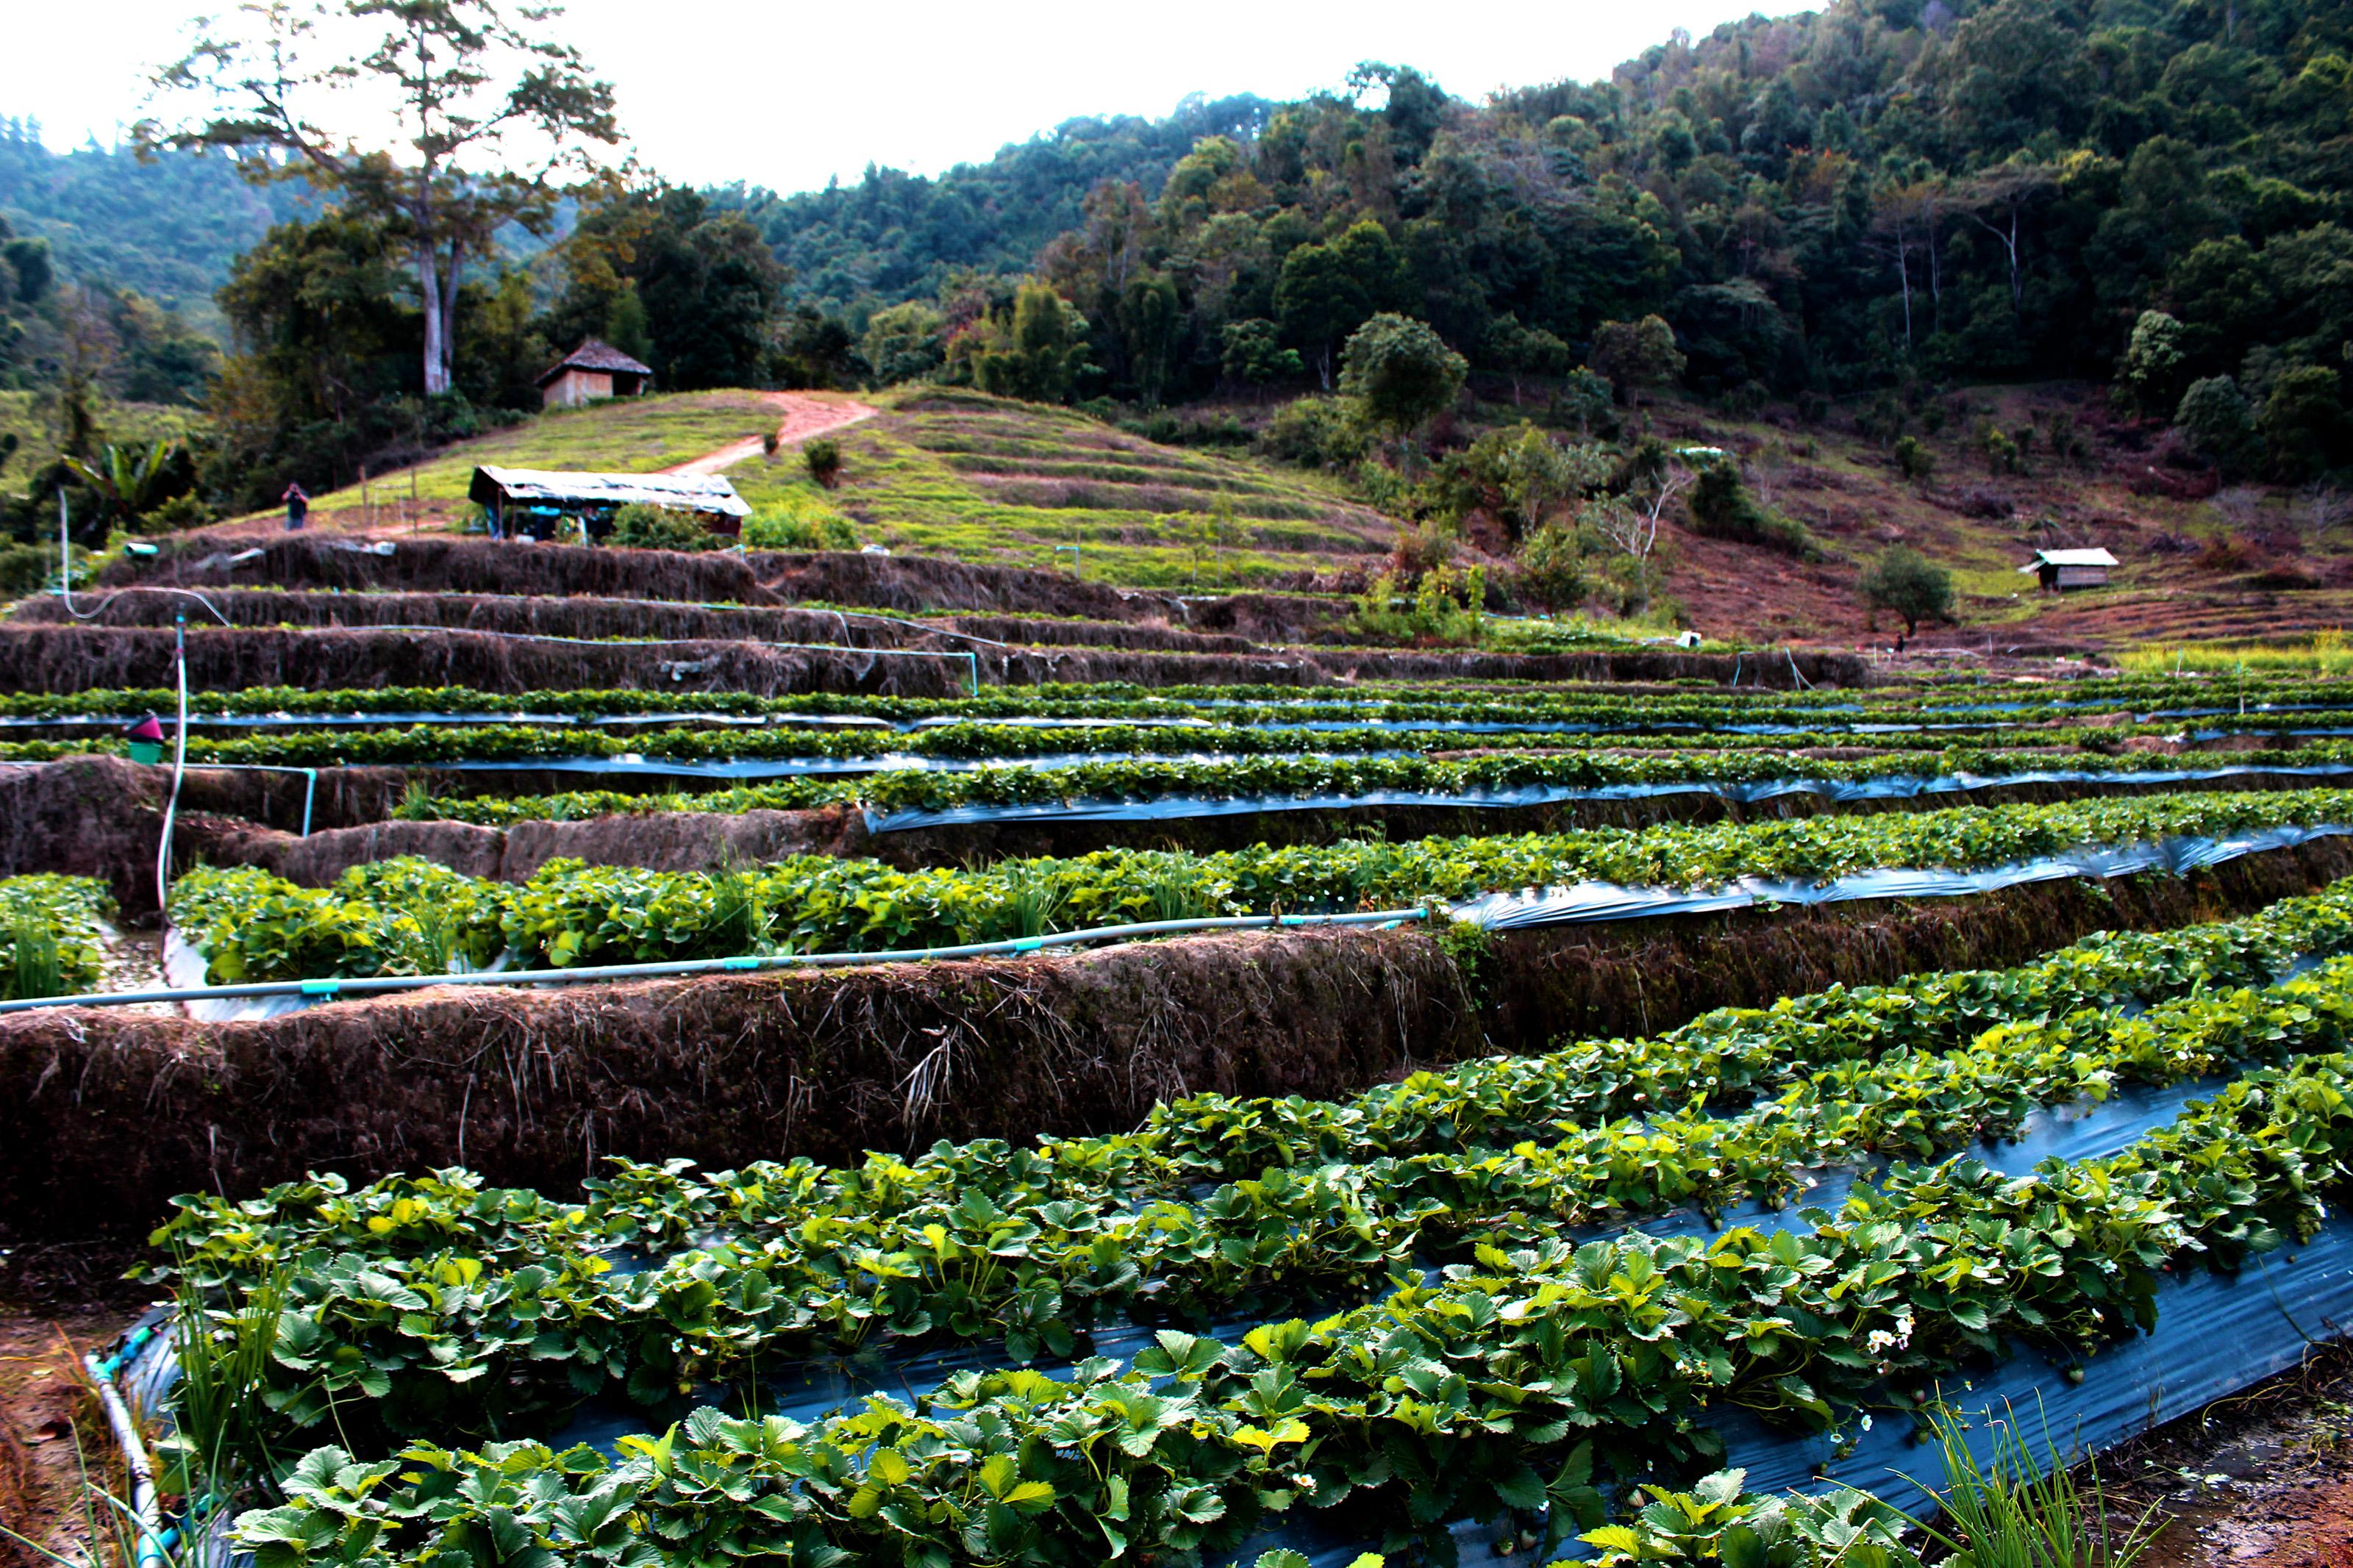 Fotos Gratis Asombroso Plantación Agricultura Estación